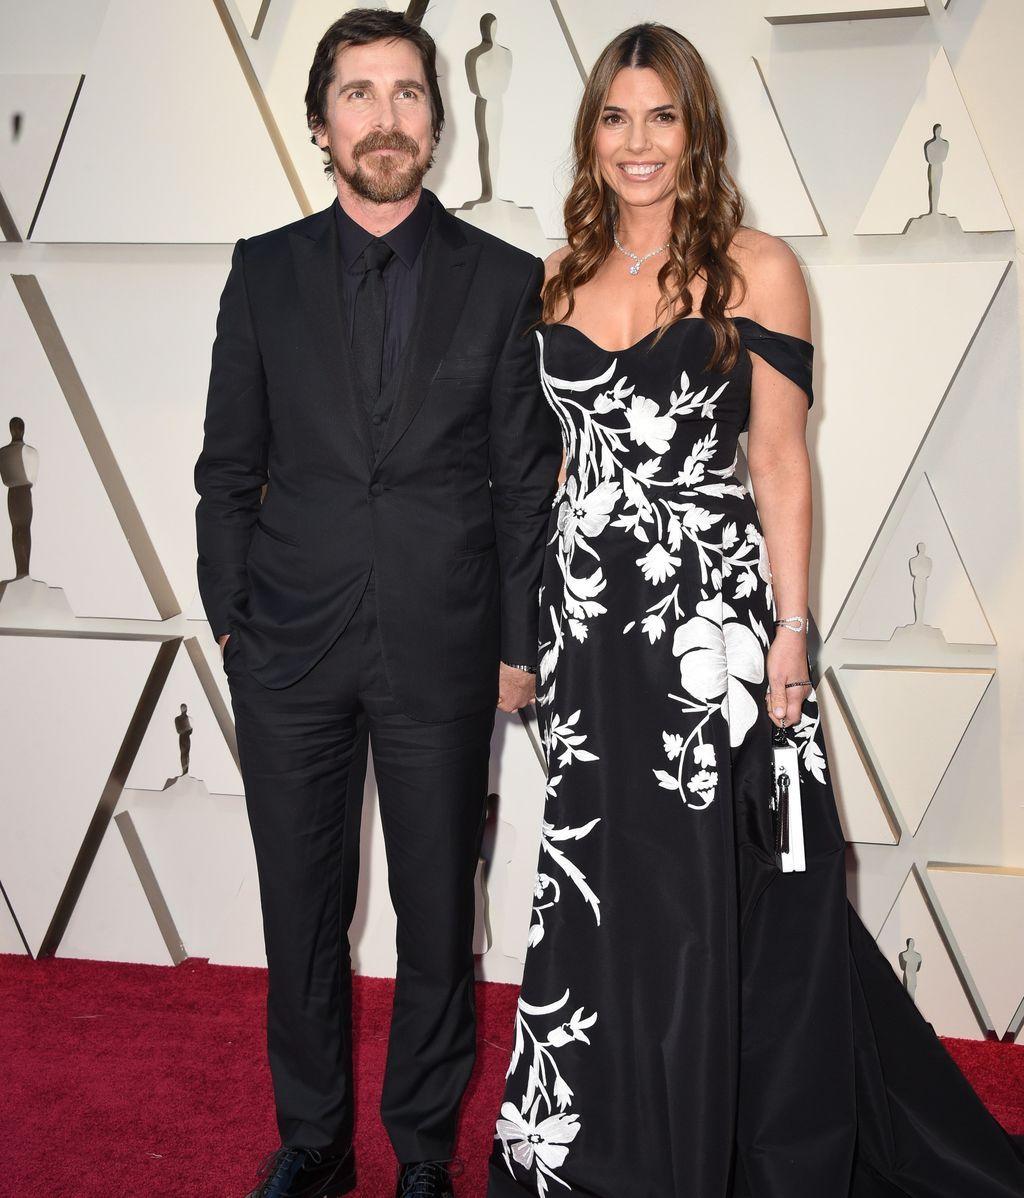 Christian Bale y Sibi Blazic posando en la alfombra roja